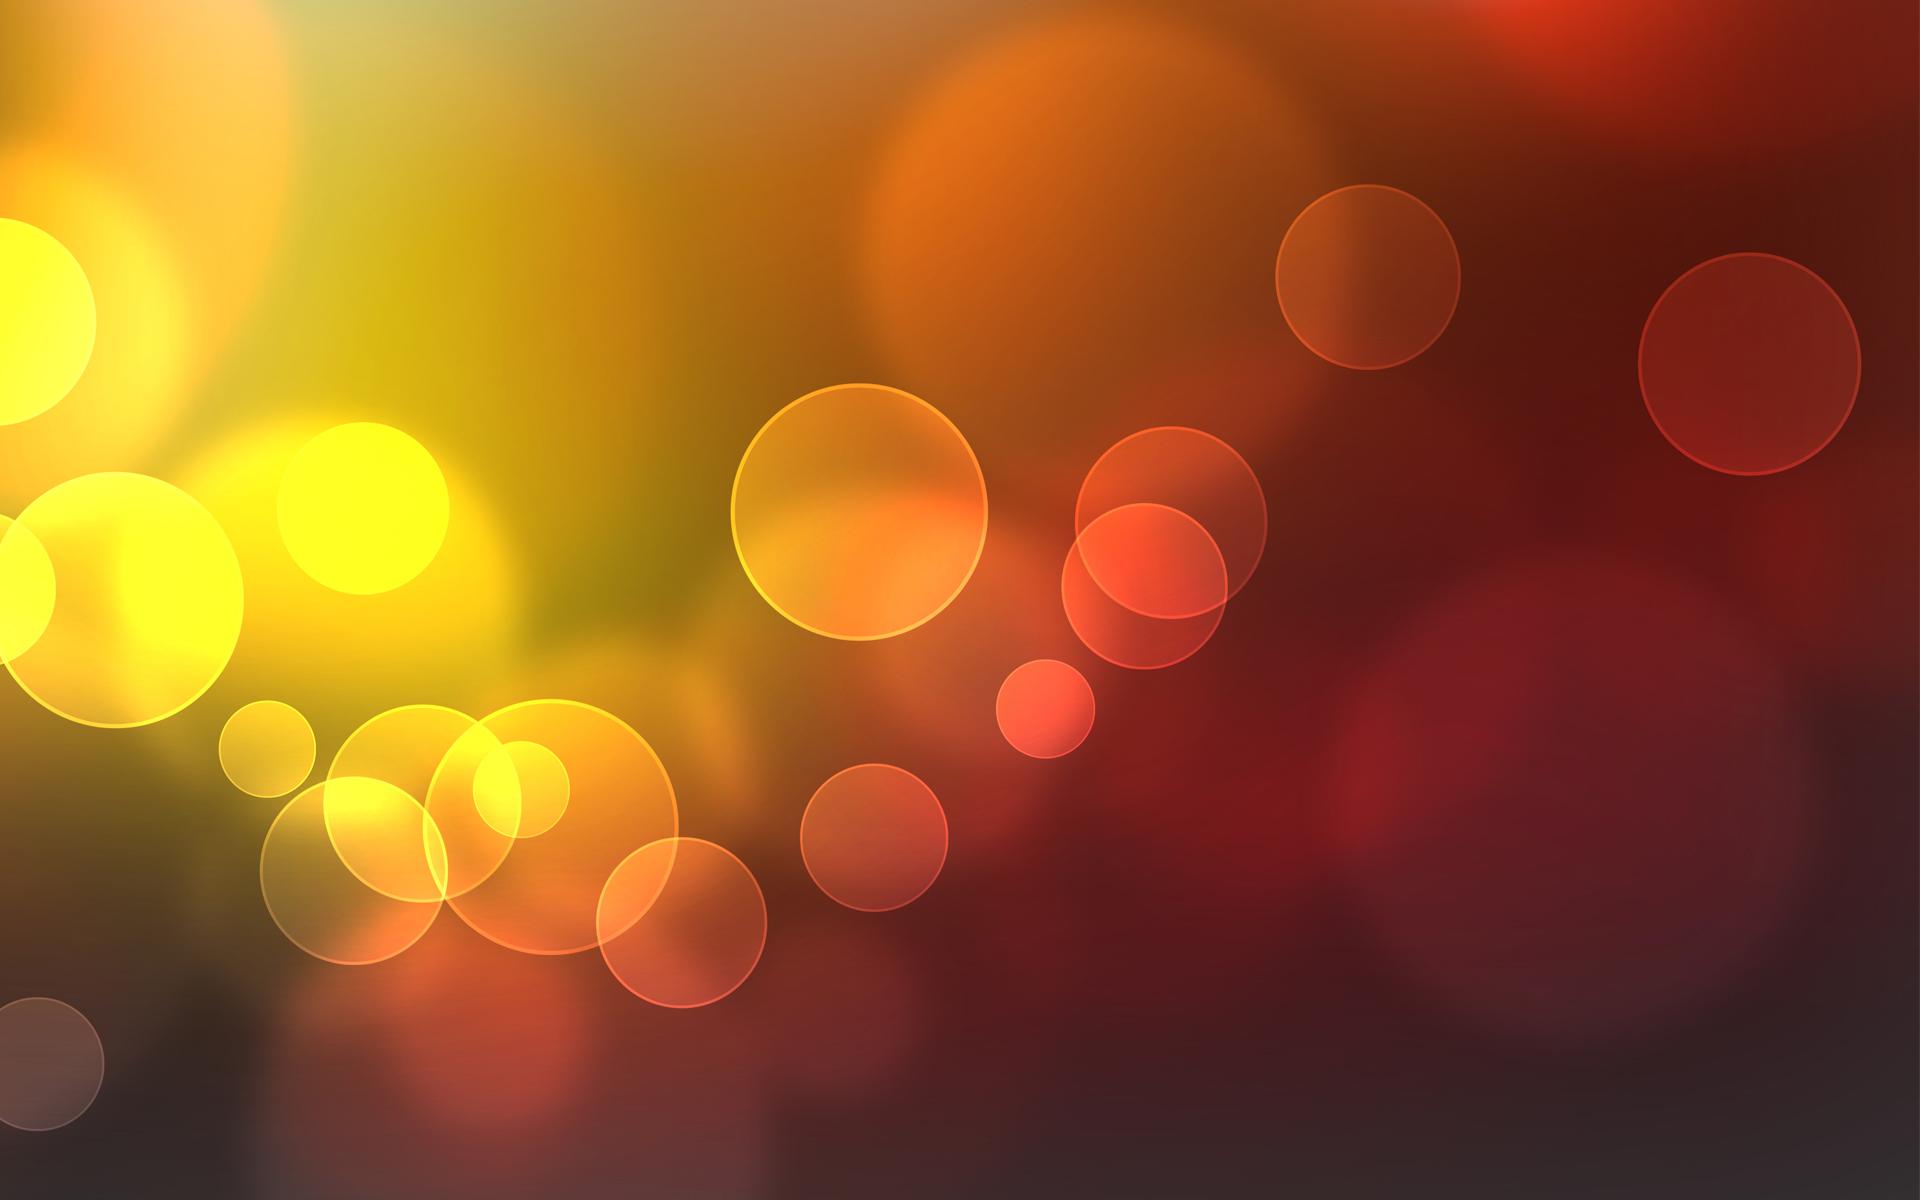 Cool orange bubbles wallpaper 30955 1920x1200 px for Coole vorha nge